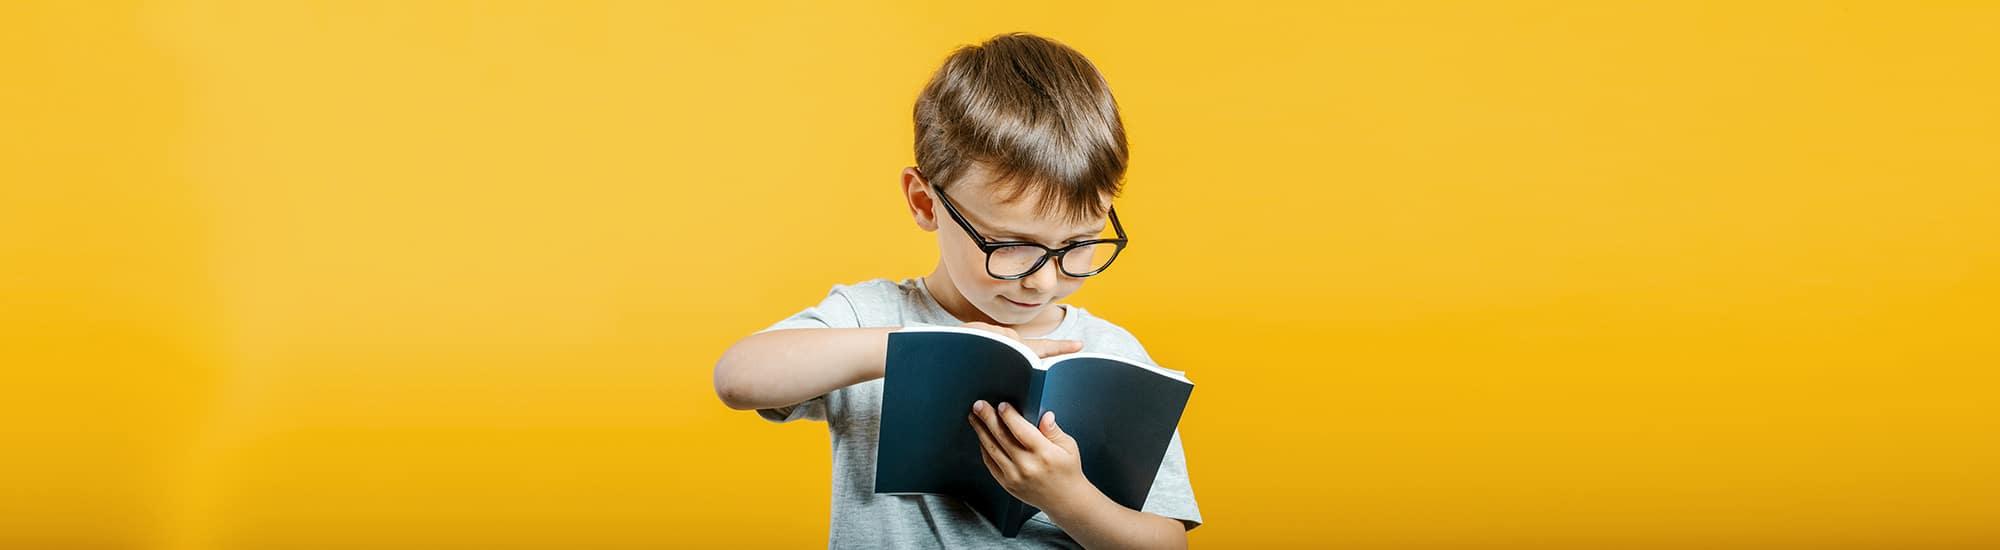 lecture sur Internet